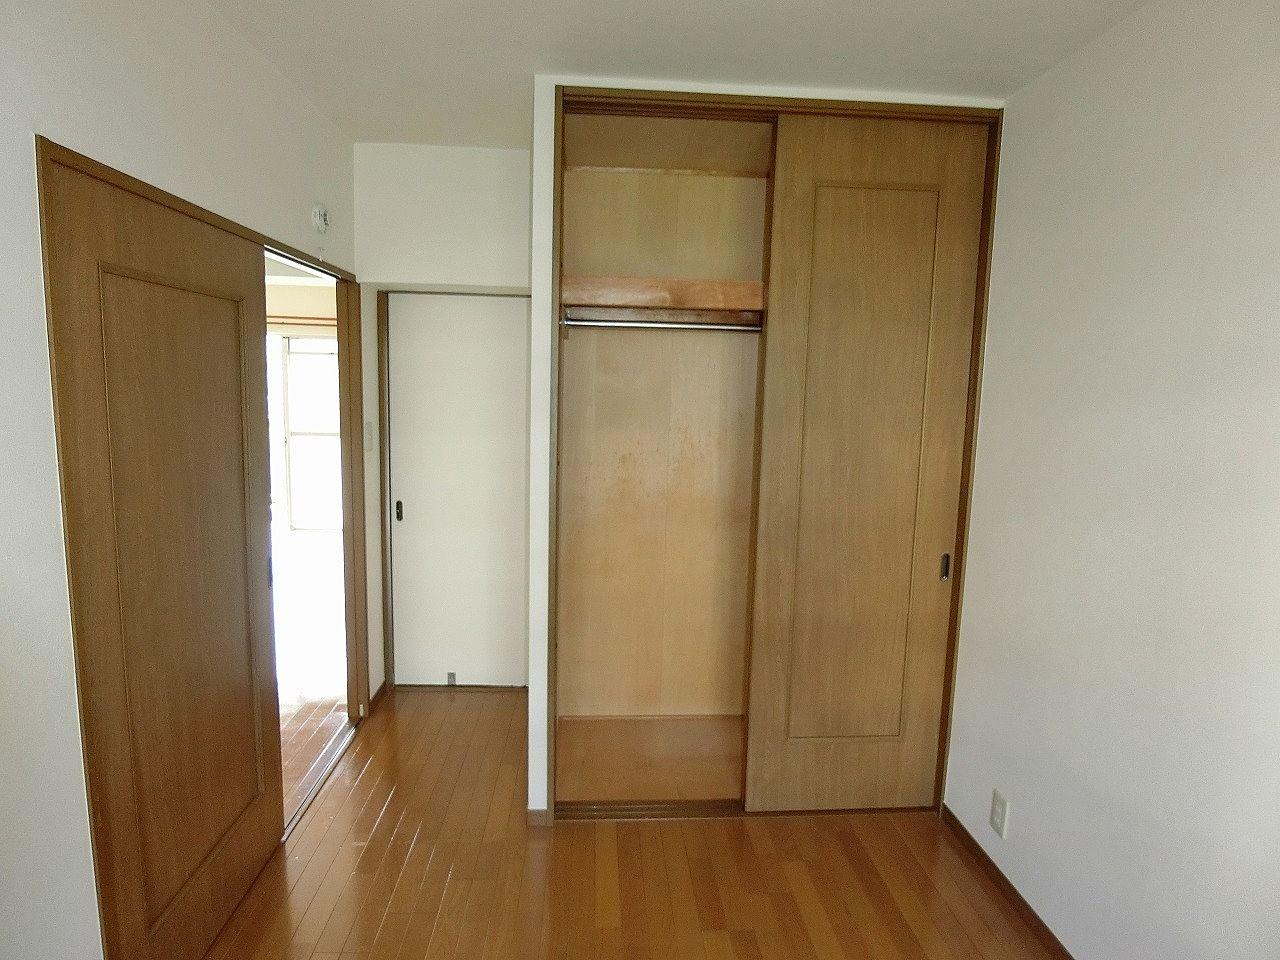 たまプラーザ団地5-3の室内写真